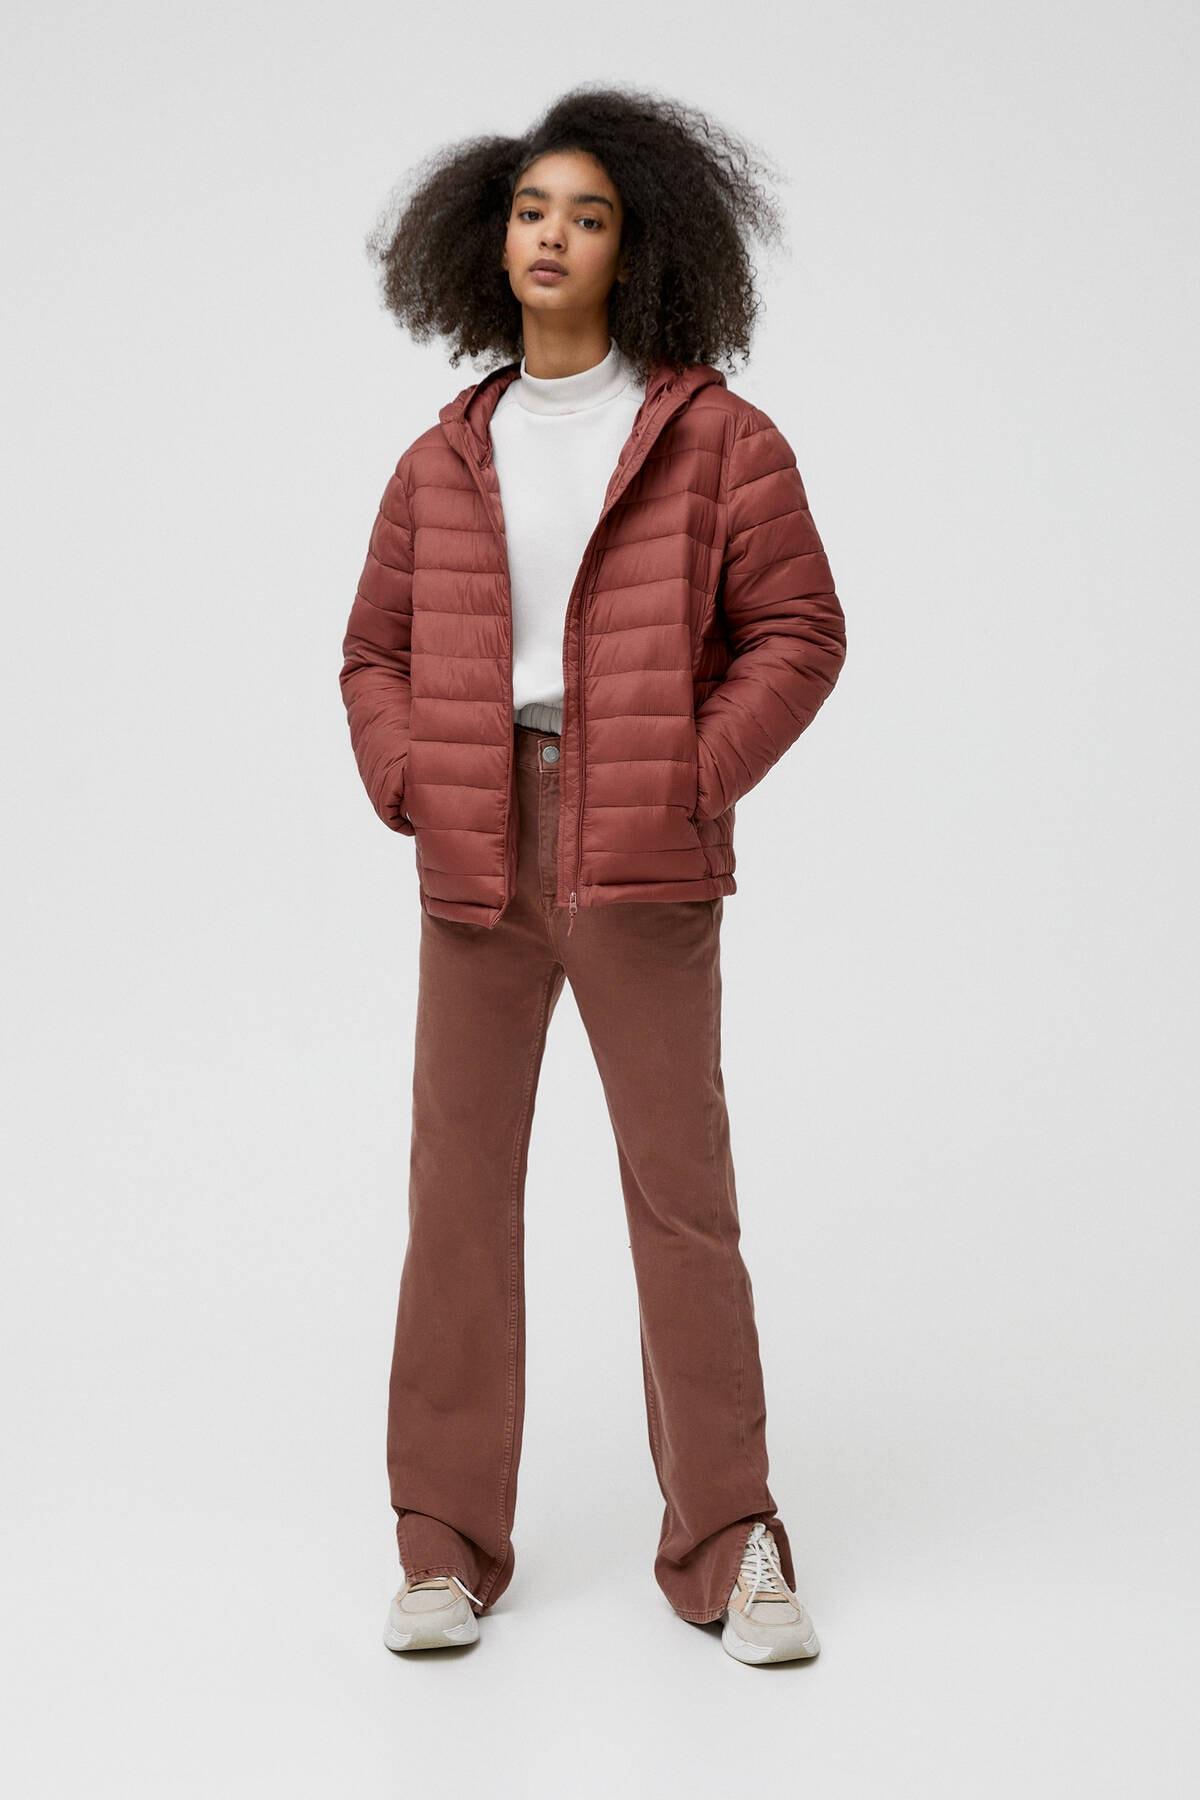 Pull & Bear Kadın Kil Rengi Basic Şişme Mont 09714333 1